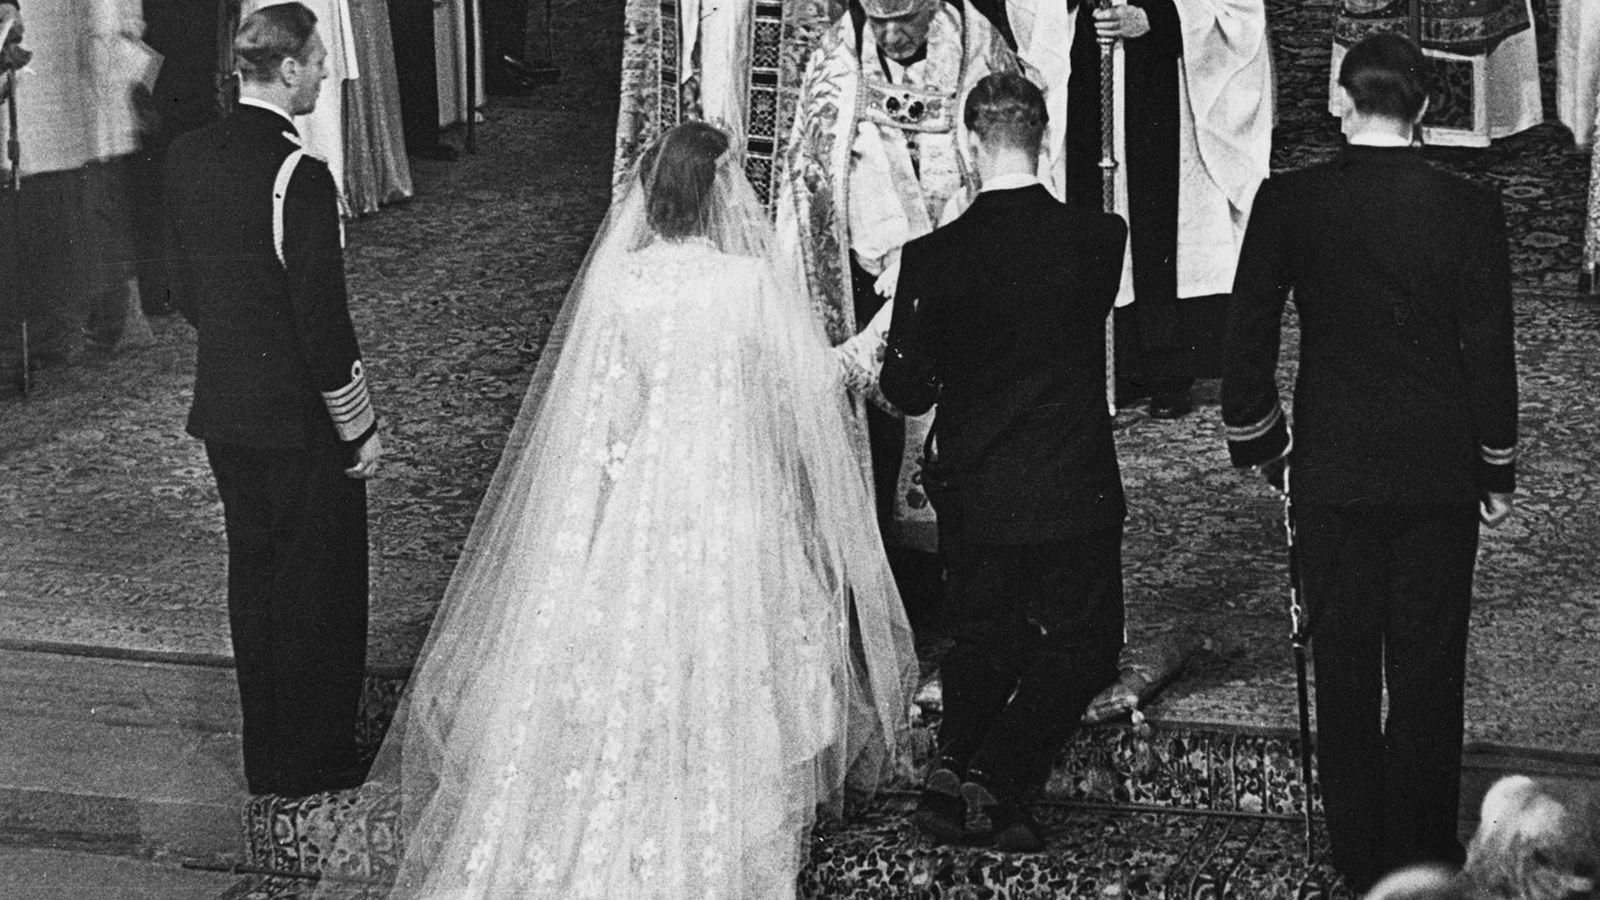 El arzobispo de Canterbury presidirá la ceremonia de la boda real; esa es la responsabilidad del ...